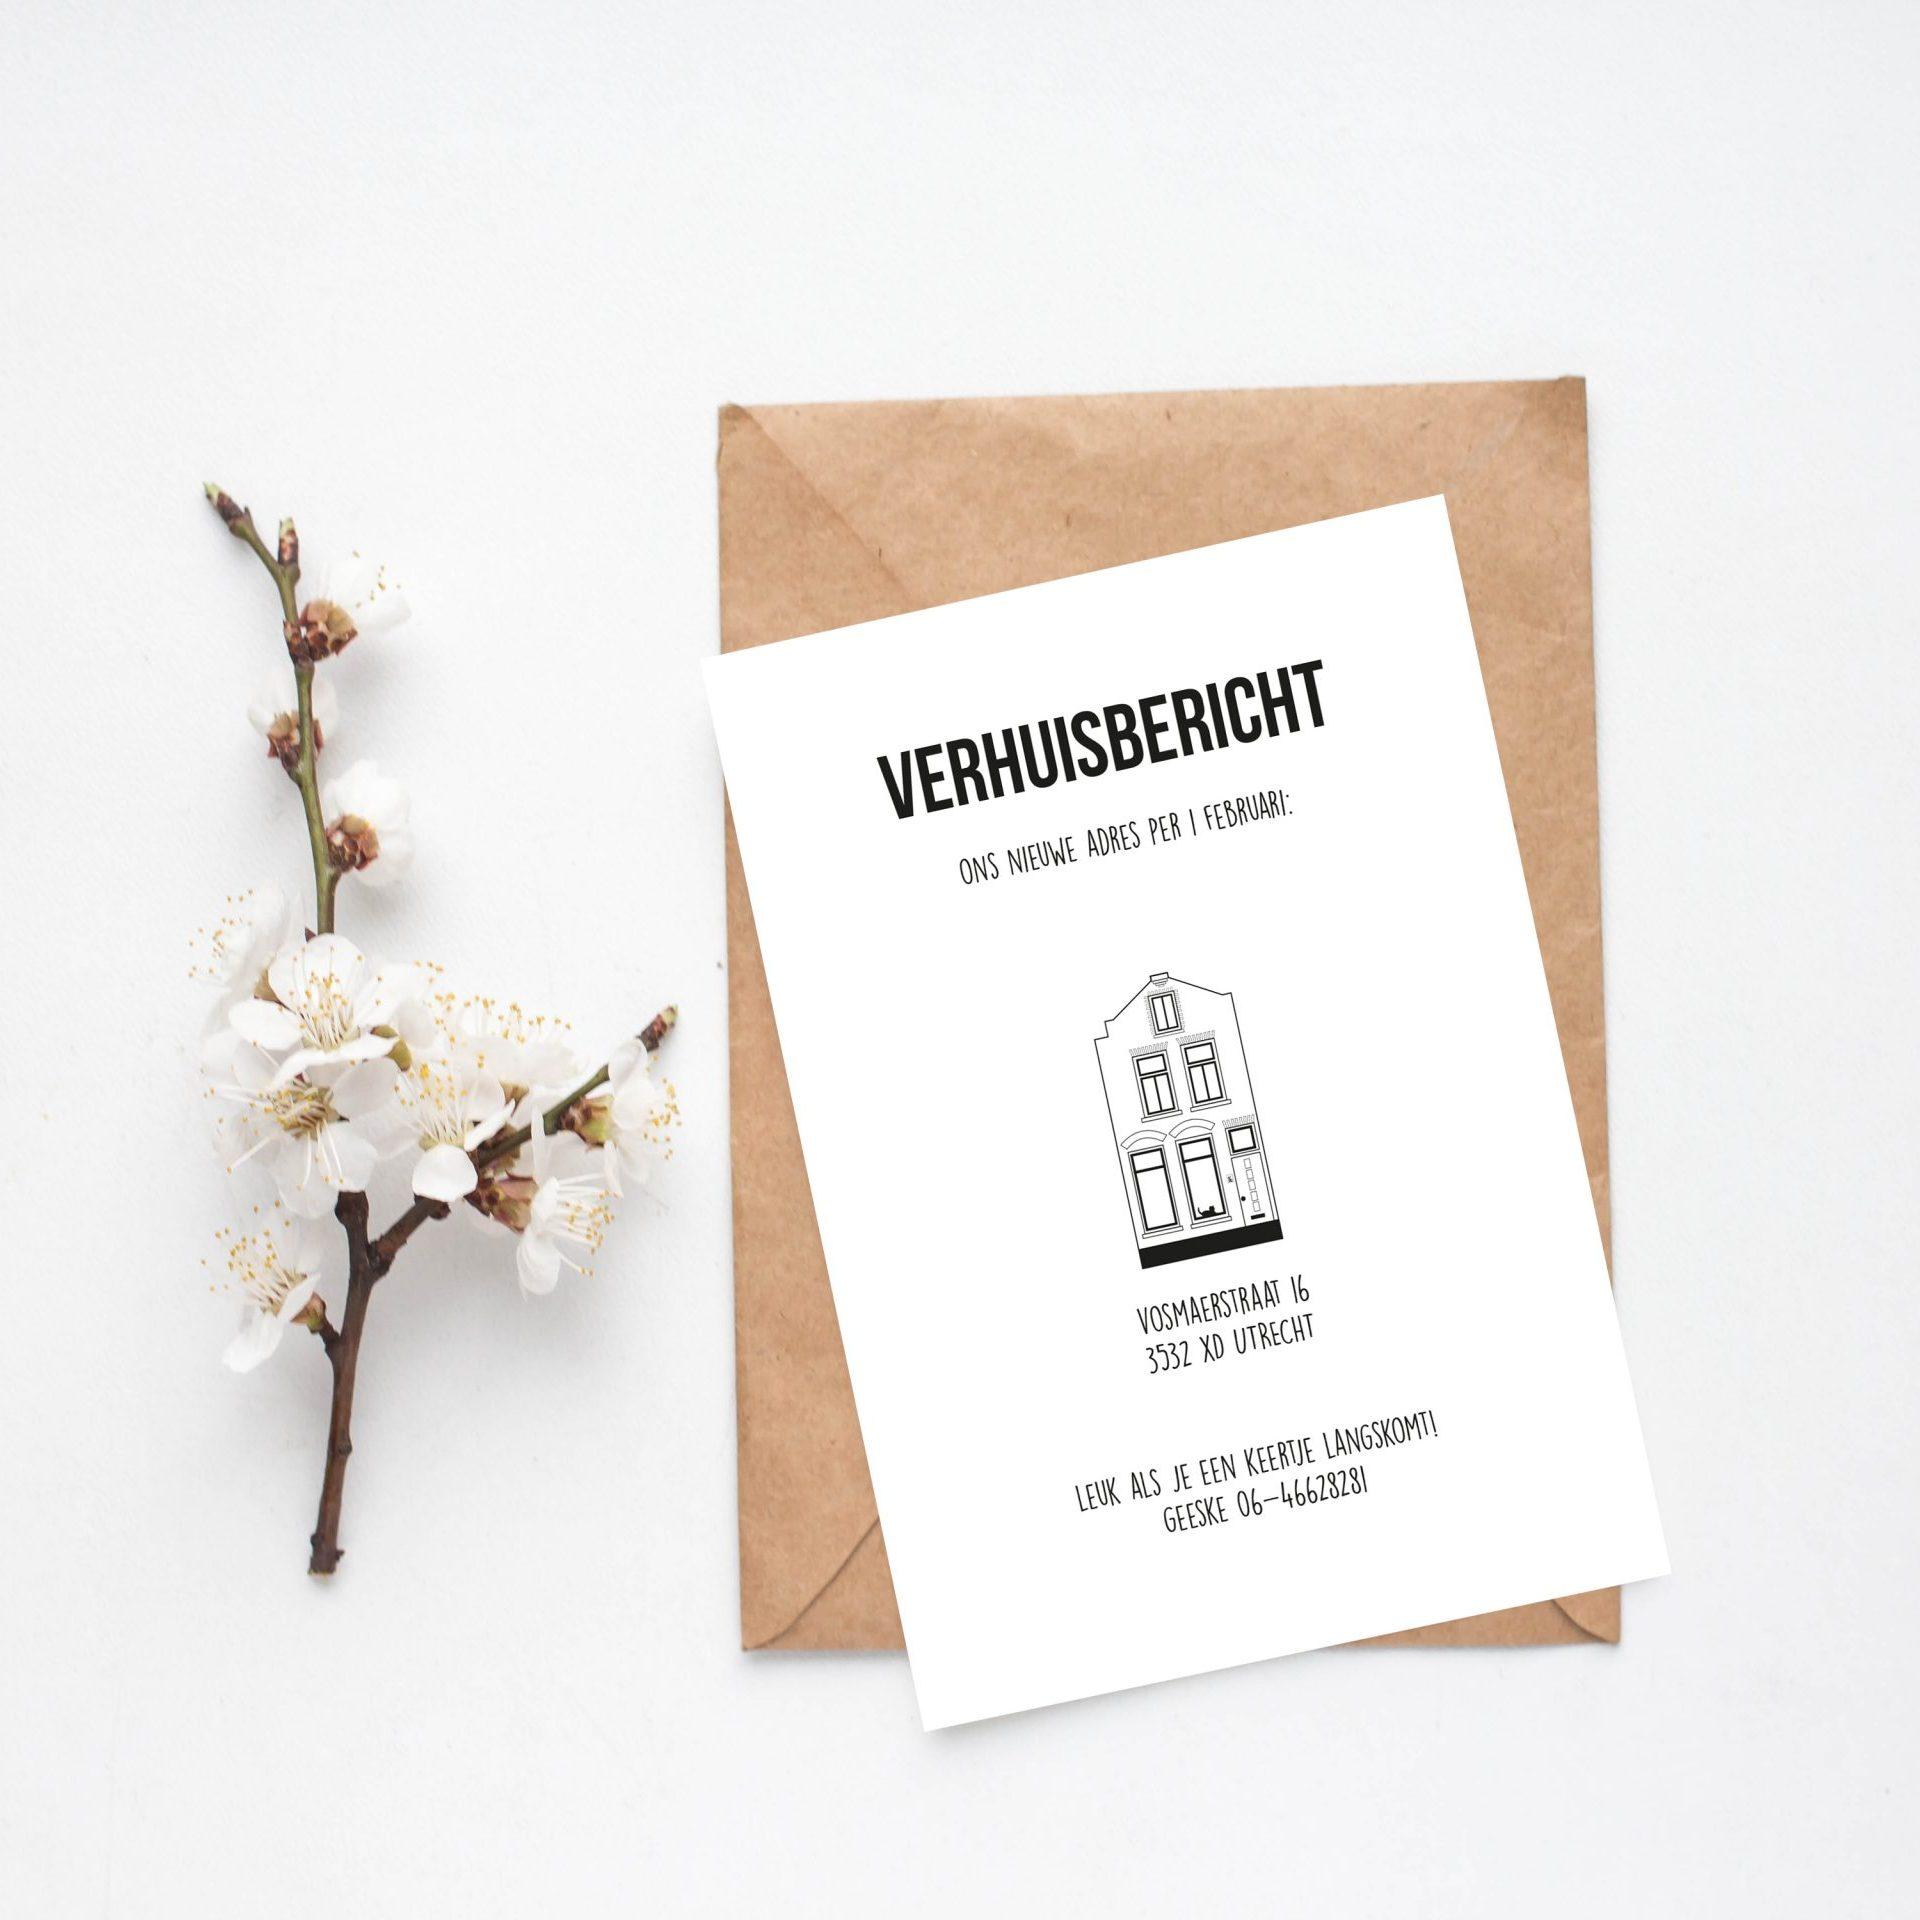 Verhuiskaart ontwerp | Studio MEEMS